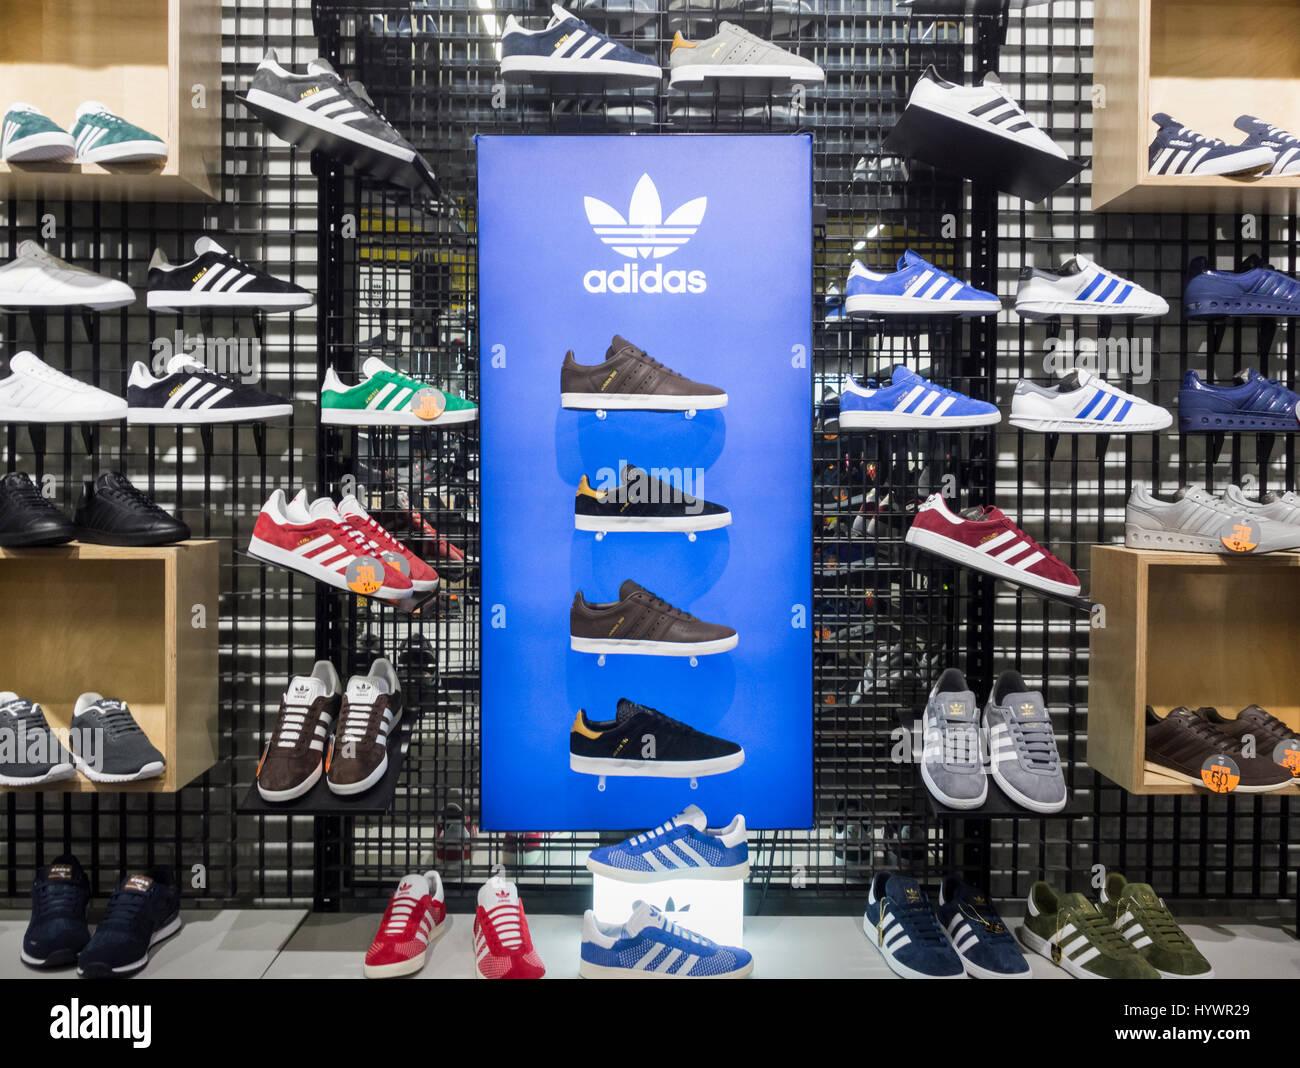 JD tienda de deportes. En el Reino Unido. Adidas tainers